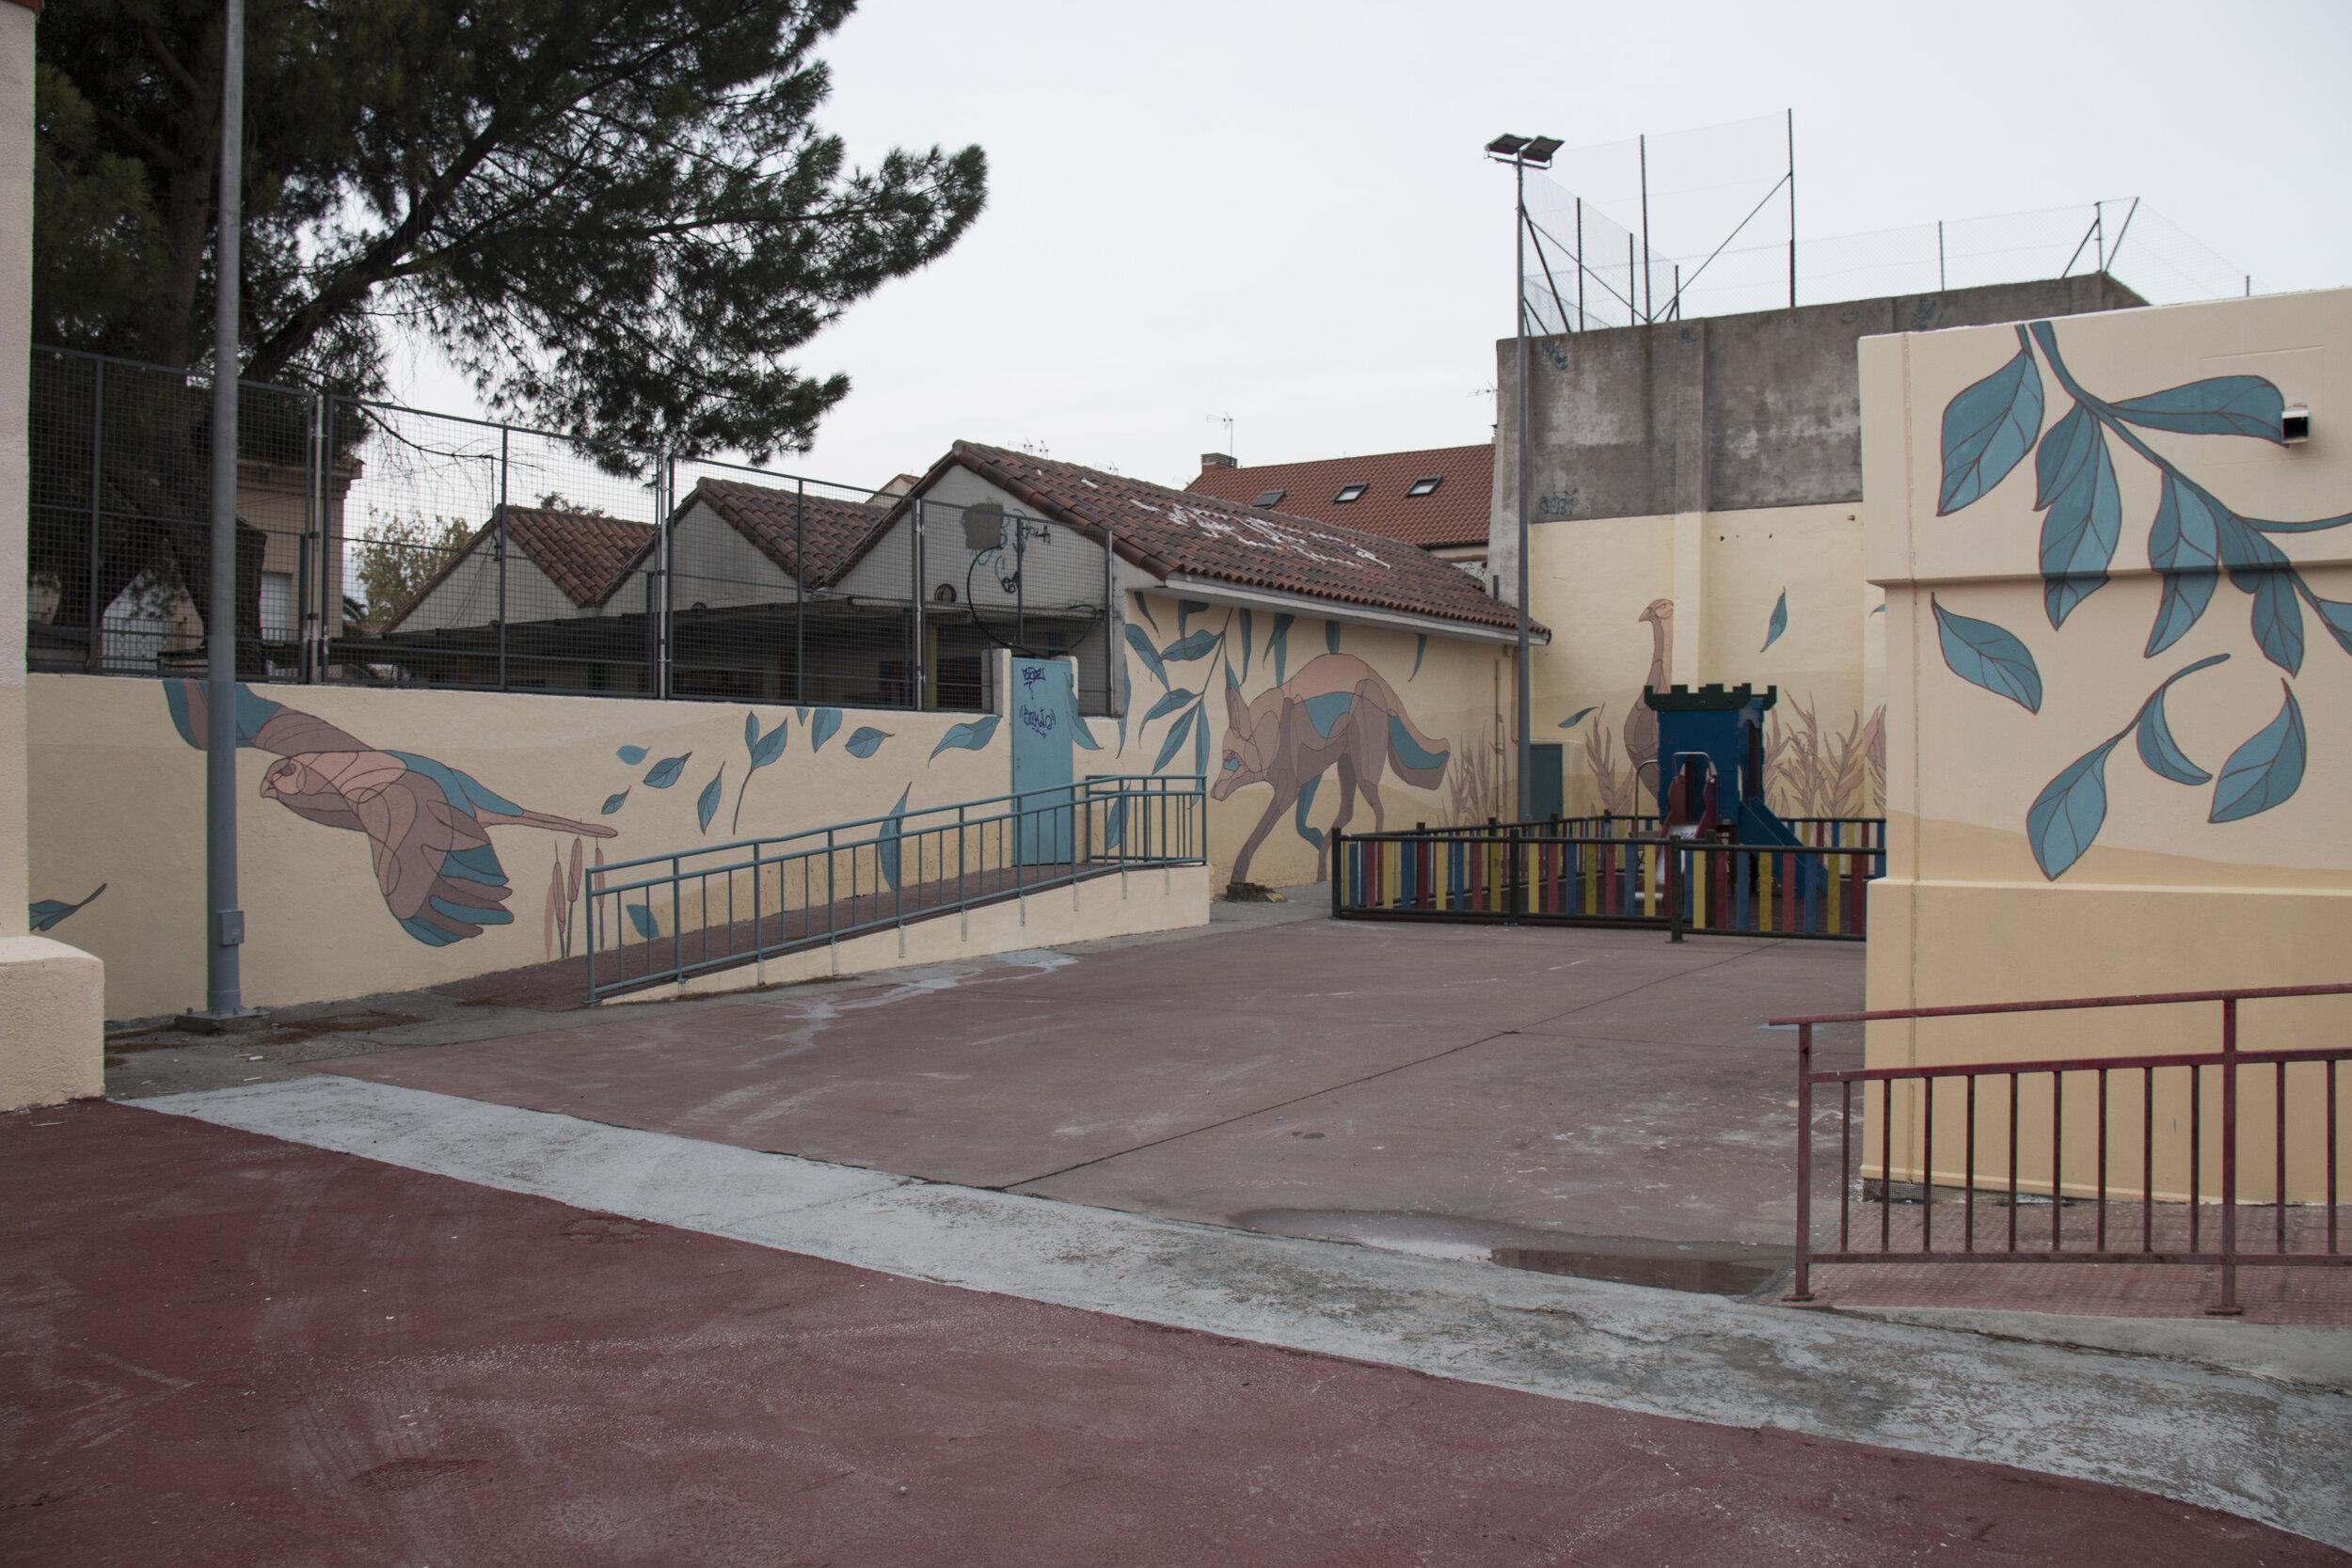 Cultura en la calle Festival, Rivas-Vaciamadrid, Spain 2019